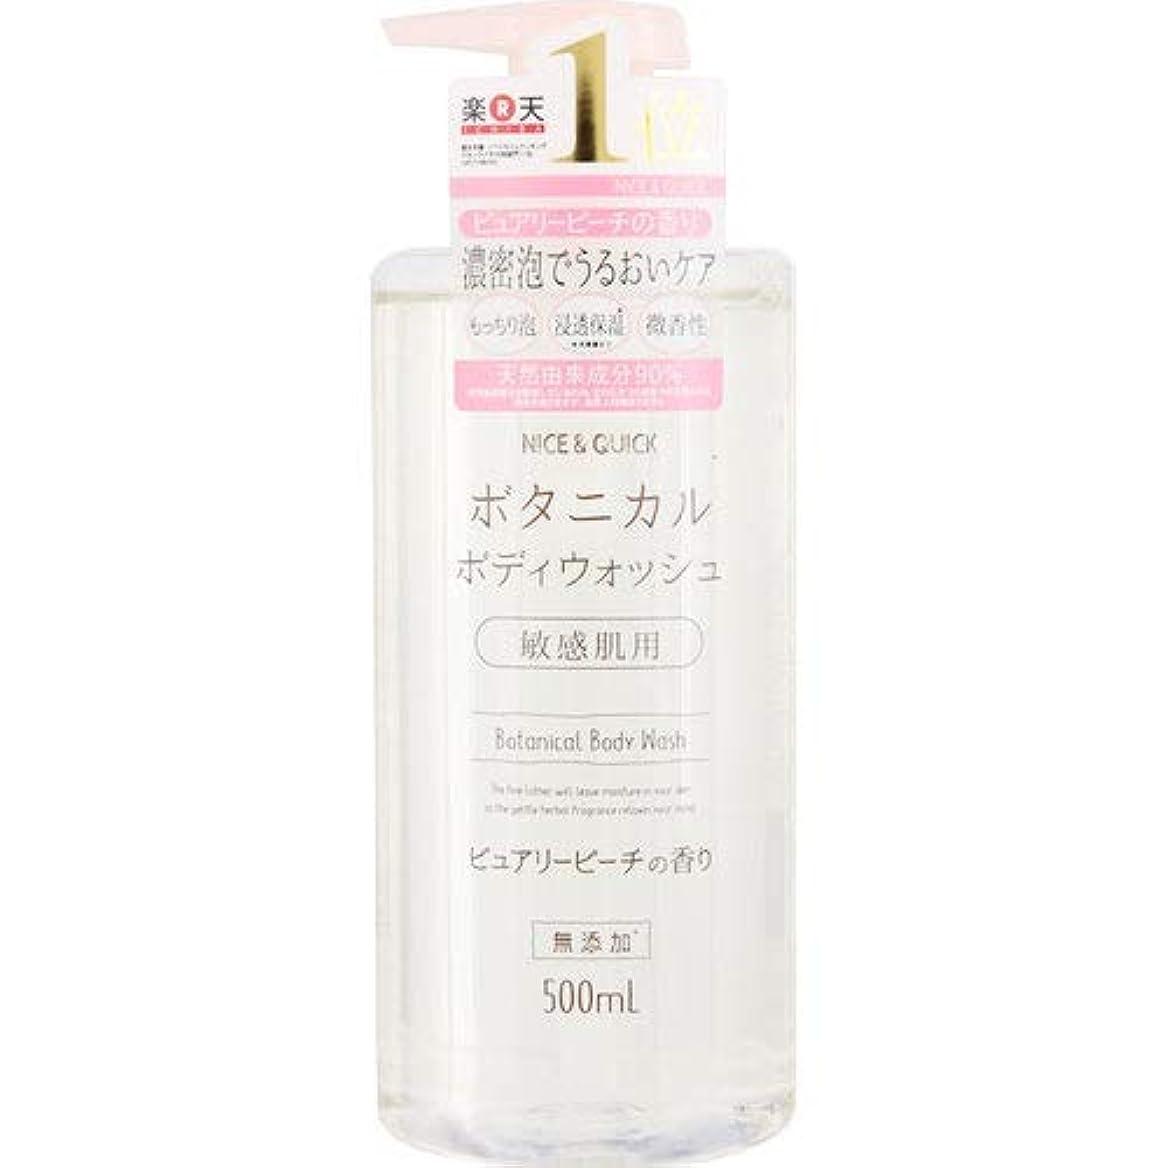 ペナルティアジア人水分NICE&QUICK ボタニカル ボディウォッシュ ピュアリーピーチの香り 500ml ナイスクイック